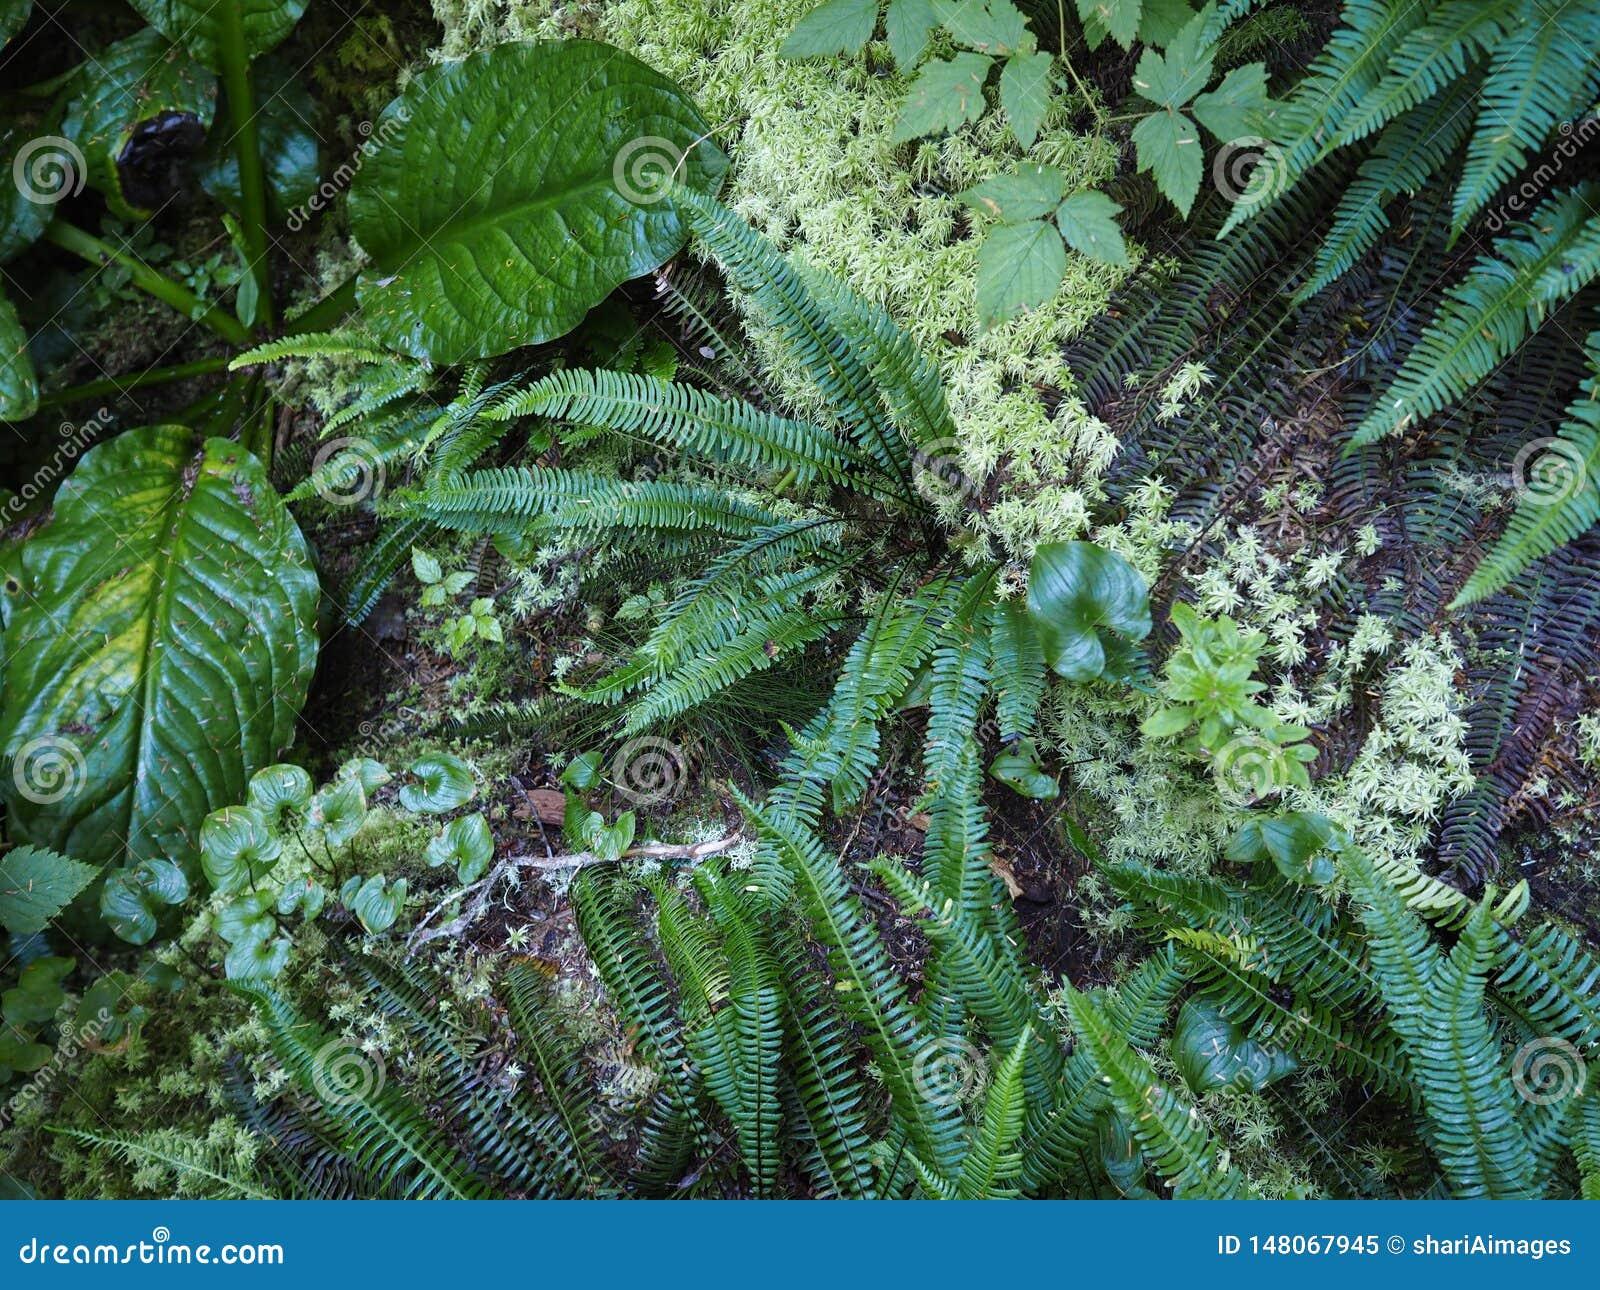 Tropikalny las deszczowy podłoga - cienie zieleń